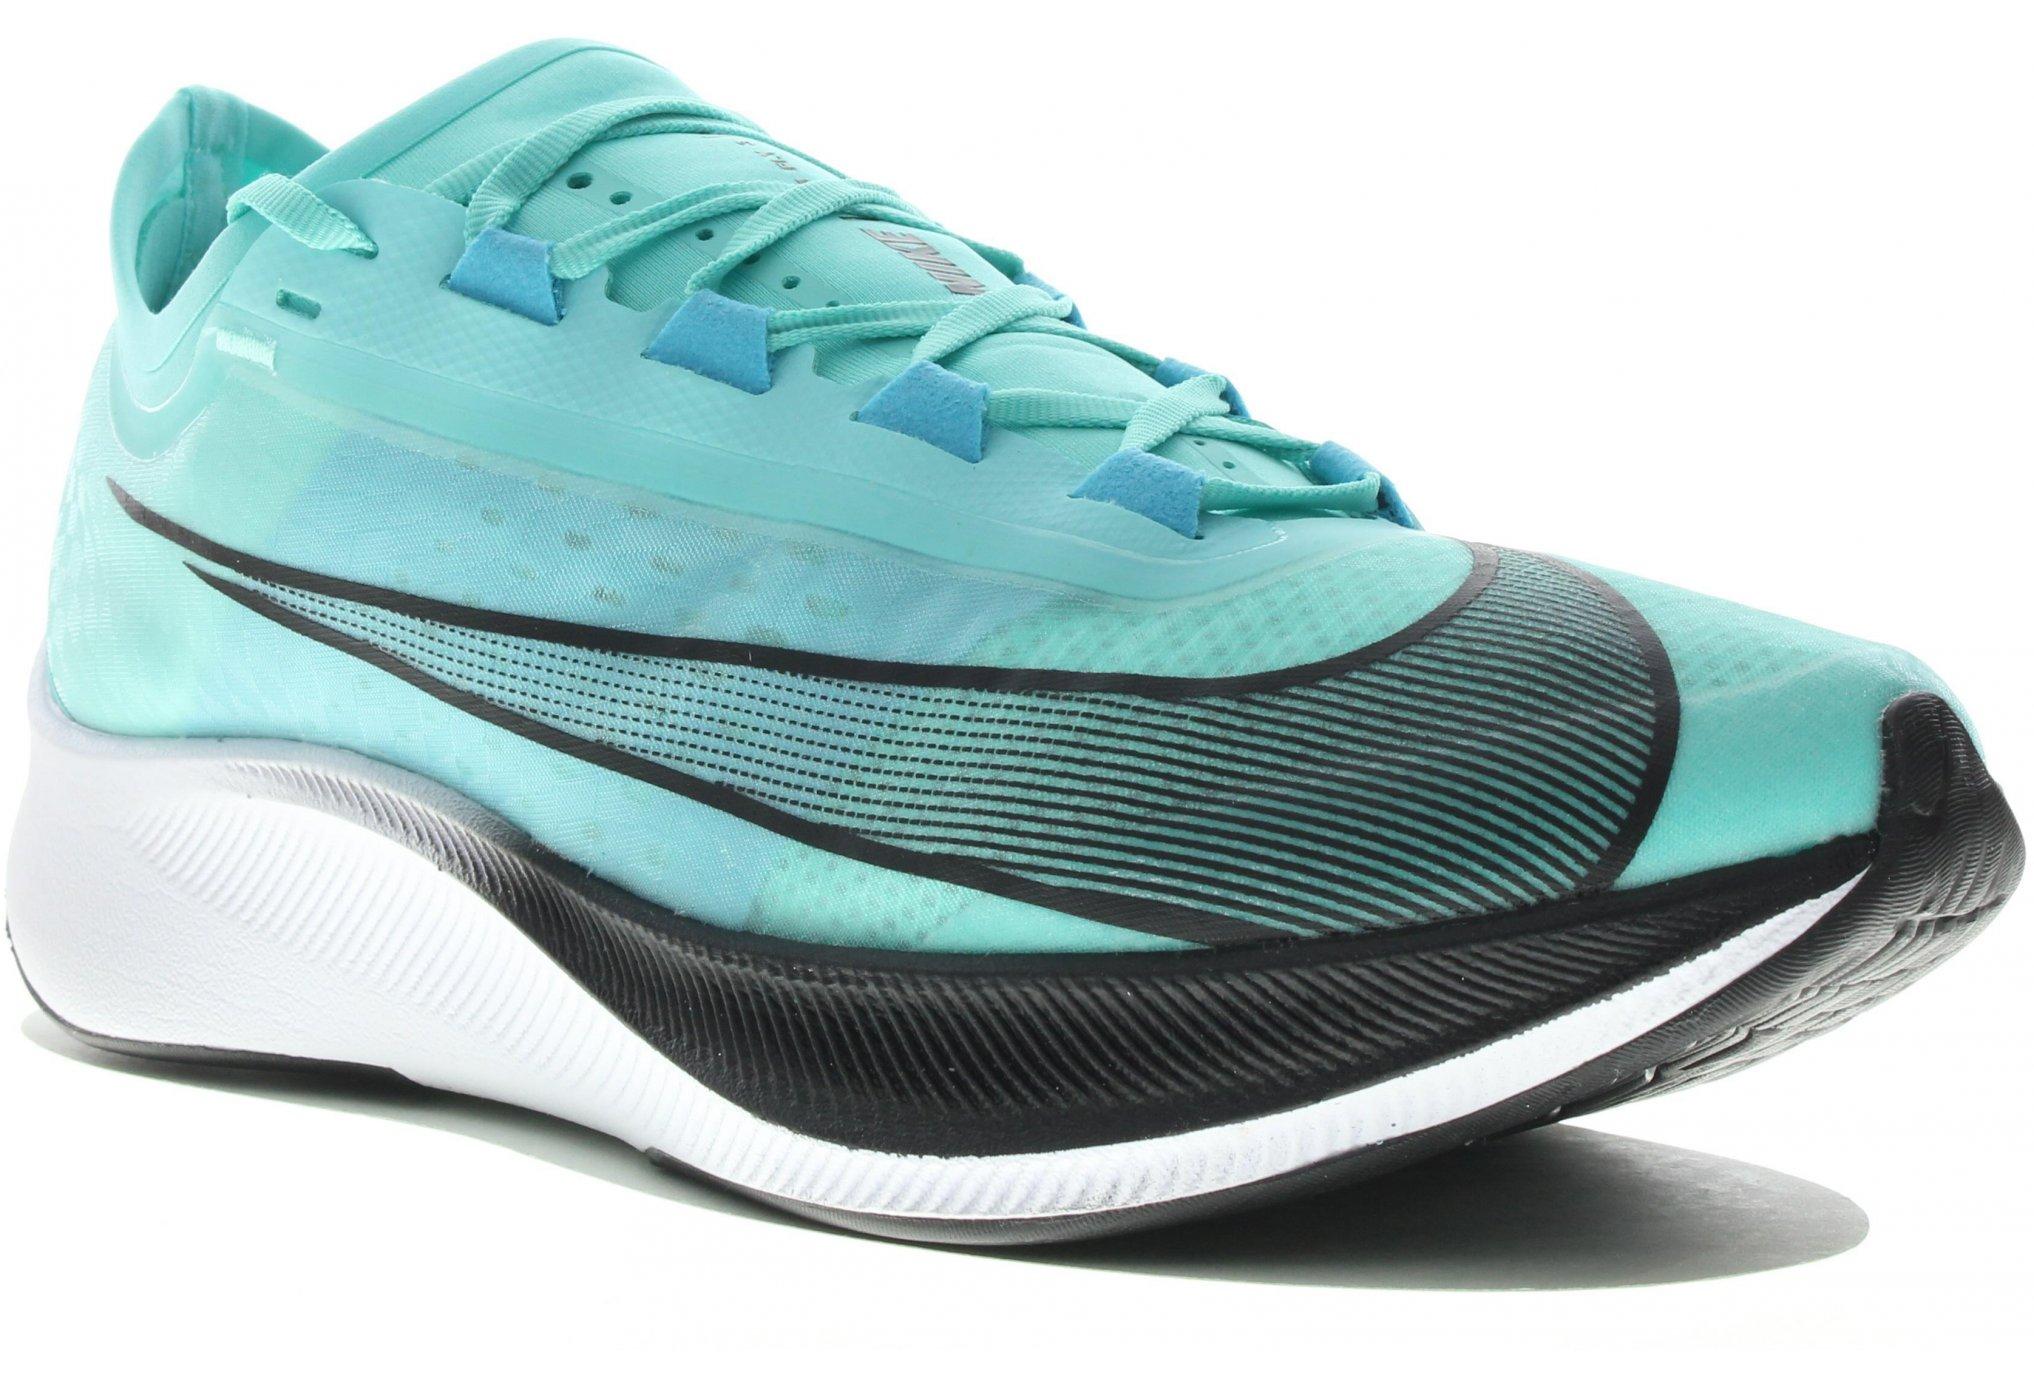 Nike Zoom Fly 3 M Diététique Chaussures homme